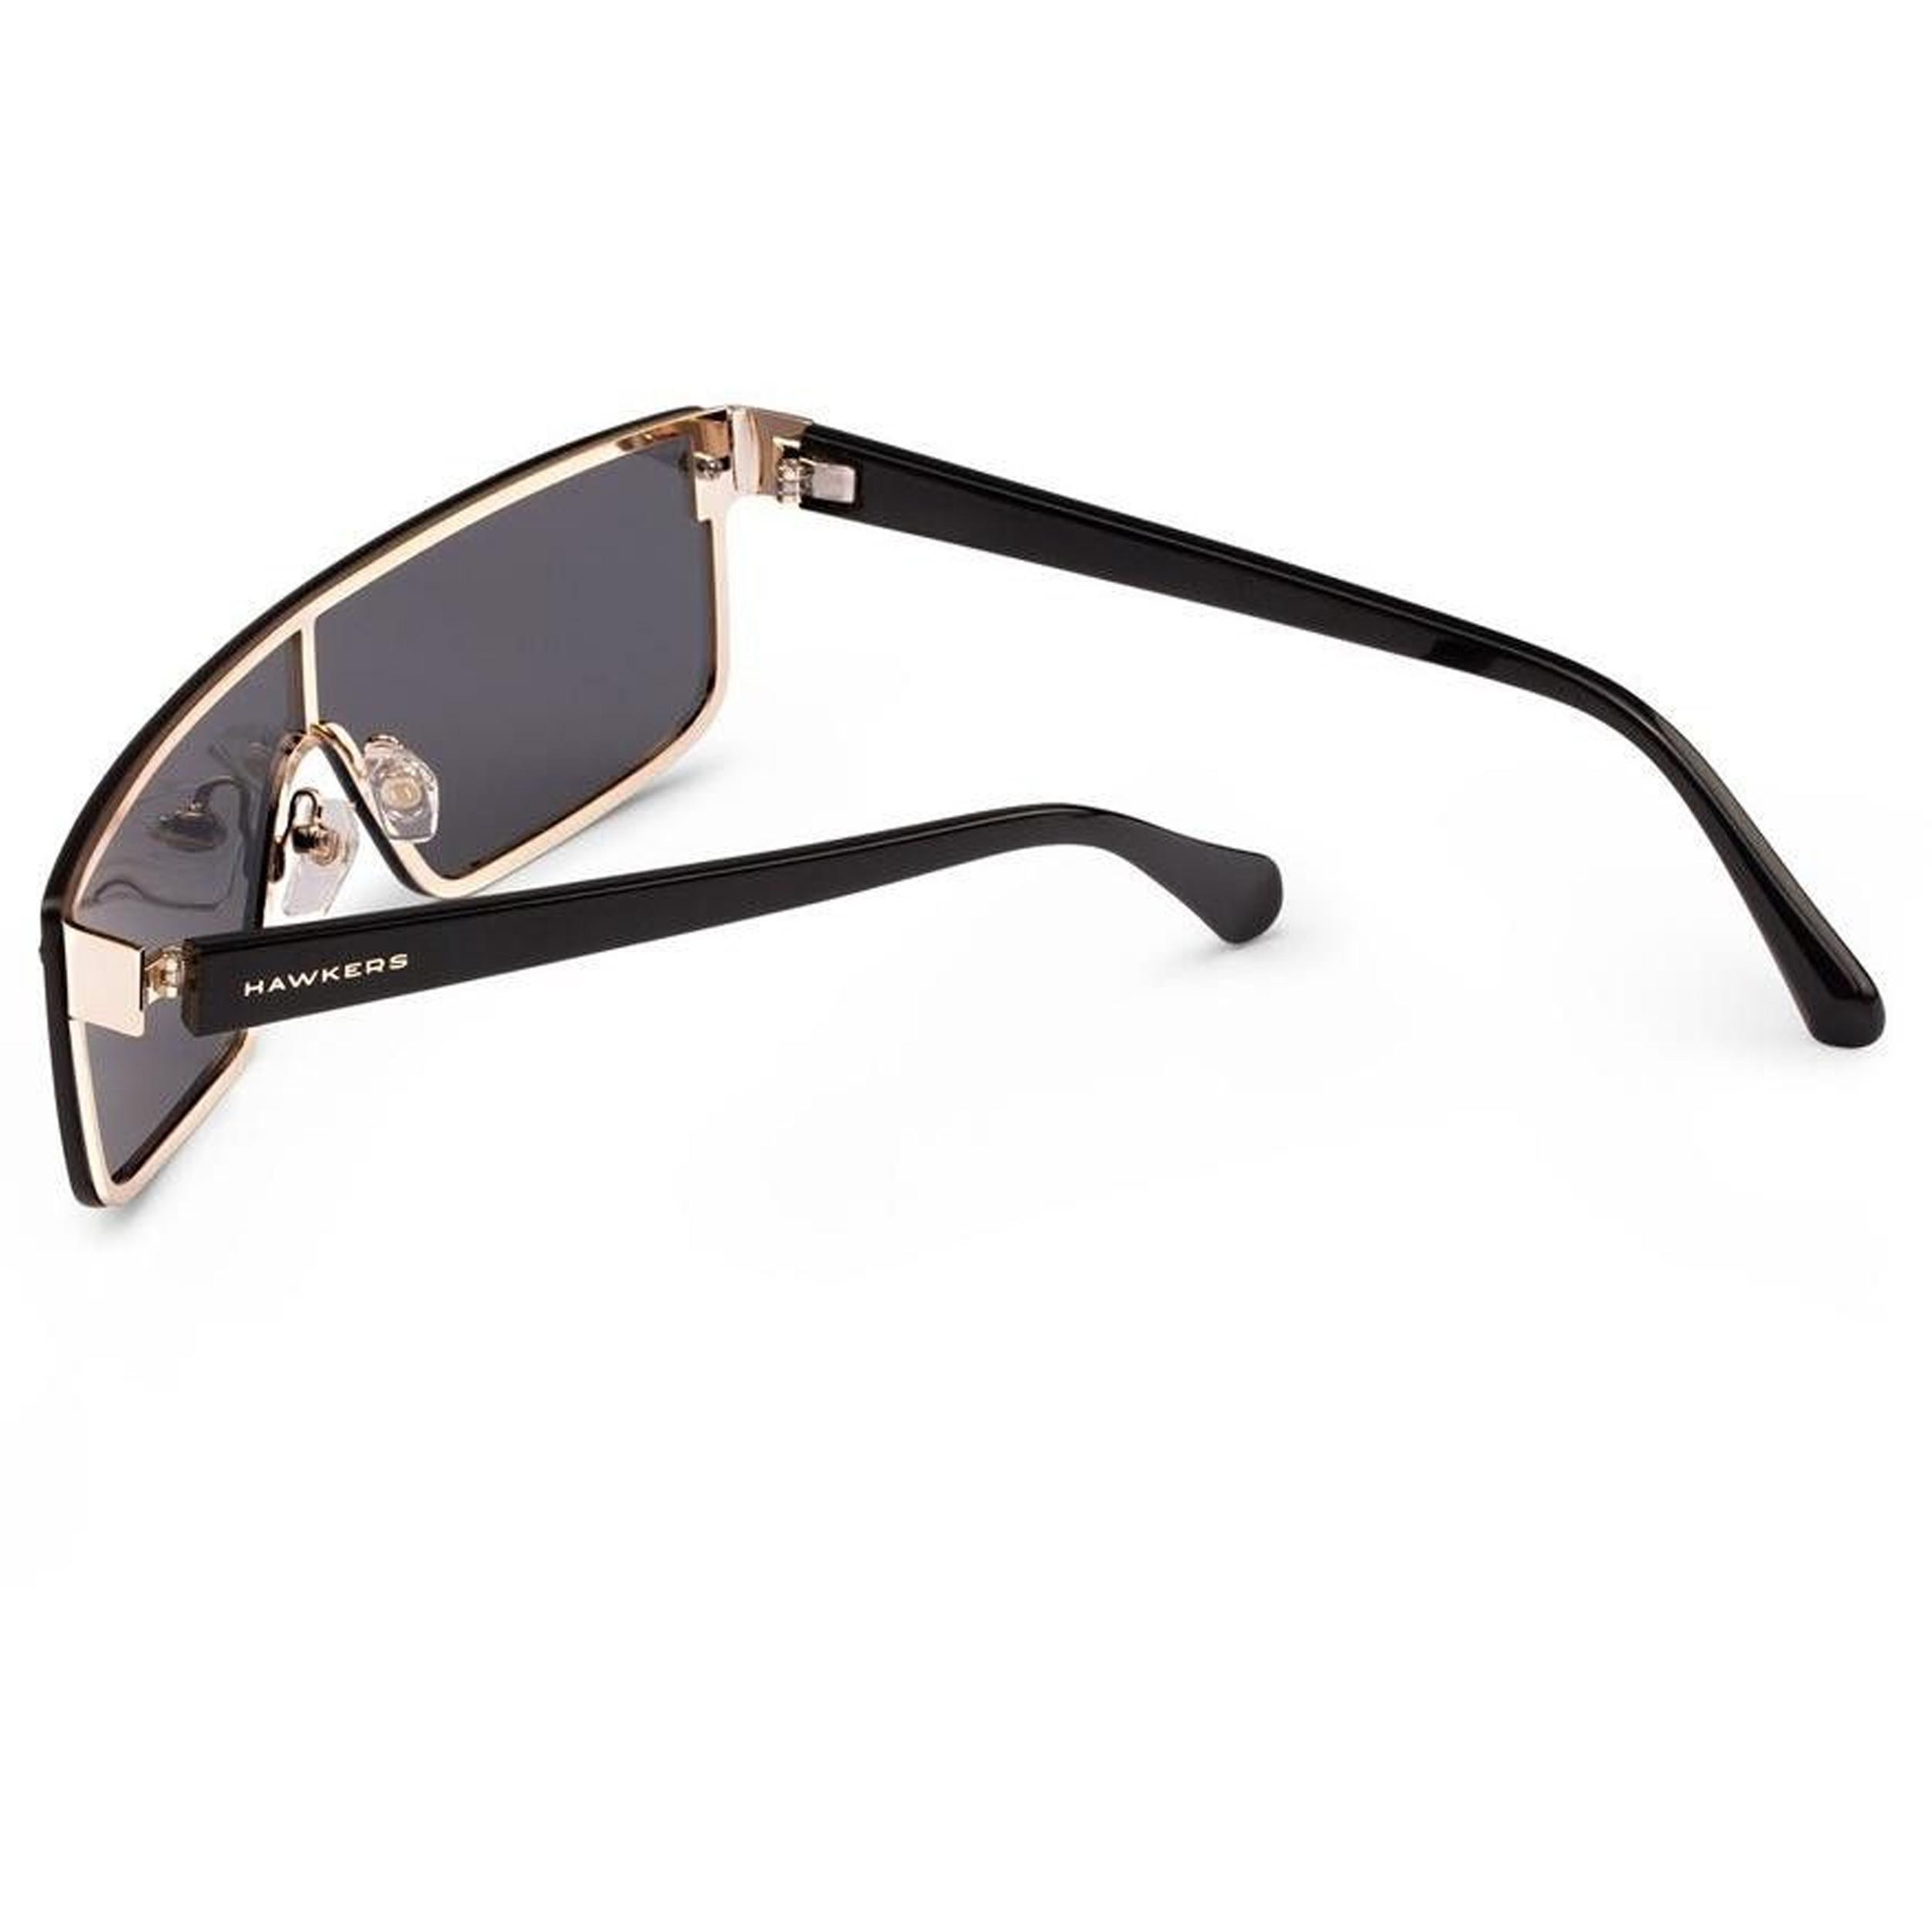 عینک آفتابی هاوکرز سری Gold Dark Dream مدل H02FHM0601 -  - 3